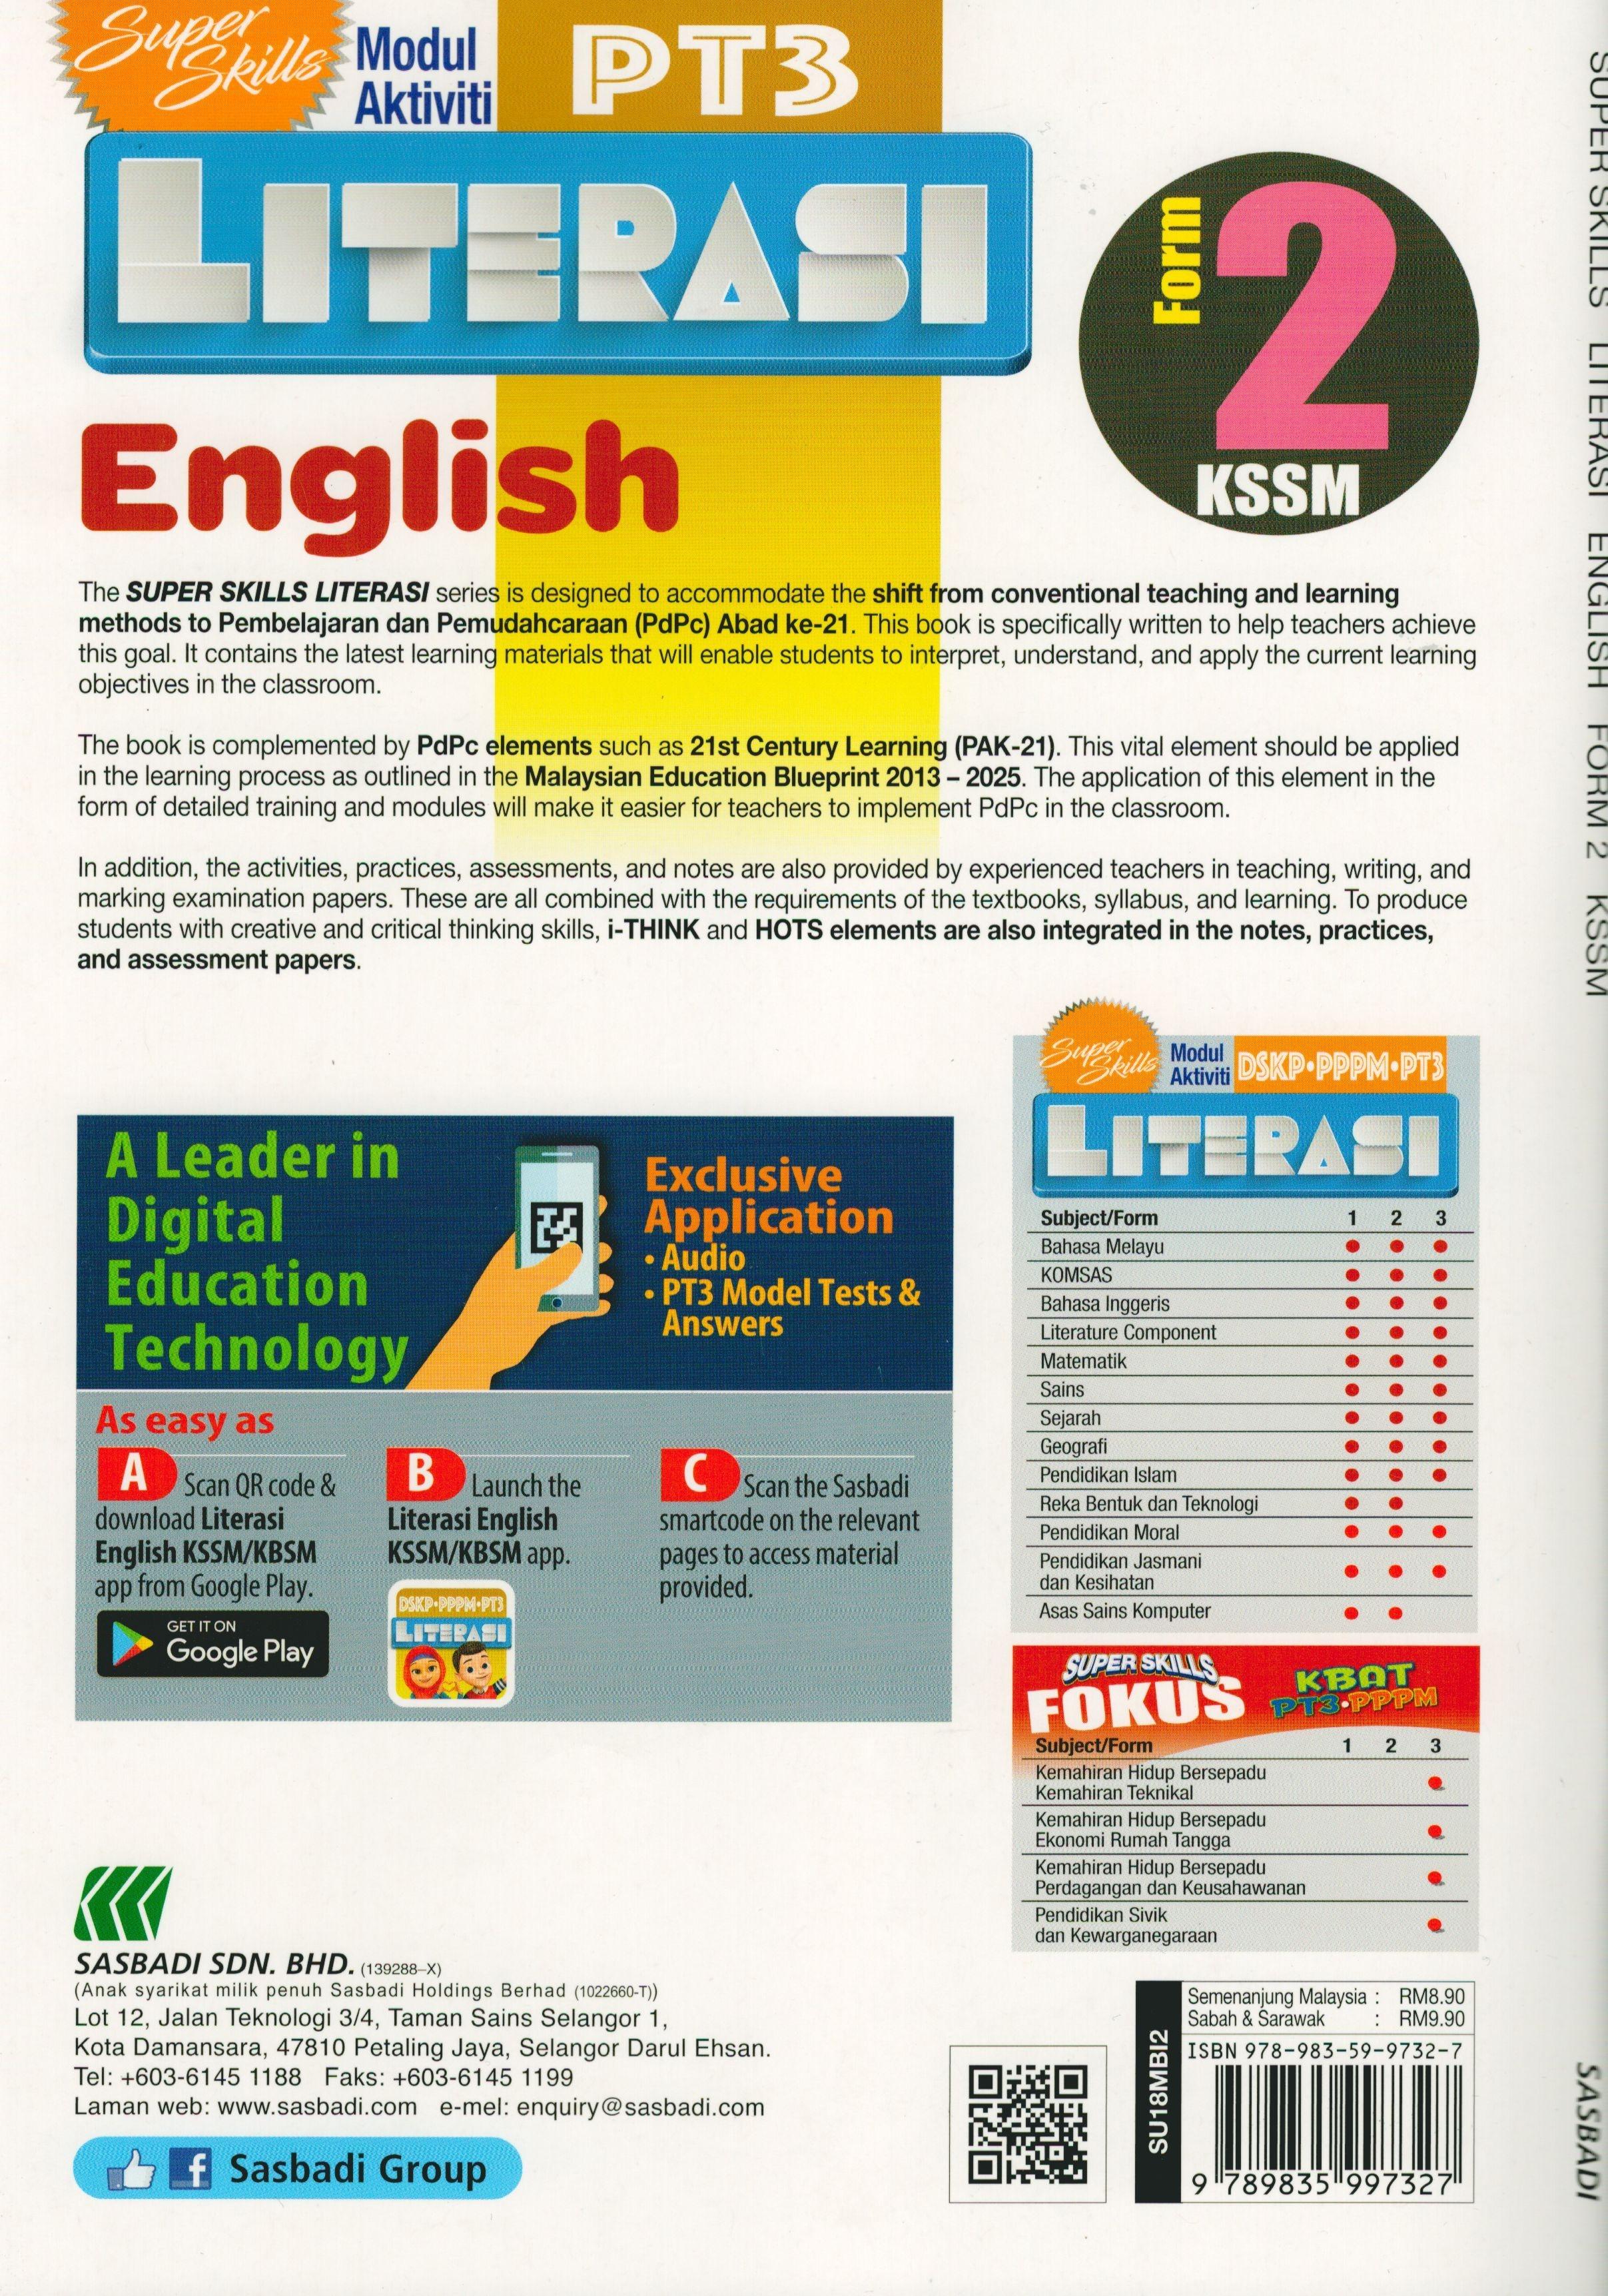 Download Dskp Bahasa Inggeris Tingkatan 2 Terbaik Sasbadi18 Super Skills Modul Aktiviti Pt3 Literasi English form 2 Of Download Segera Dskp Bahasa Inggeris Tingkatan 2 Yang Berguna Khas Untuk Para Ibubapa Lihat!